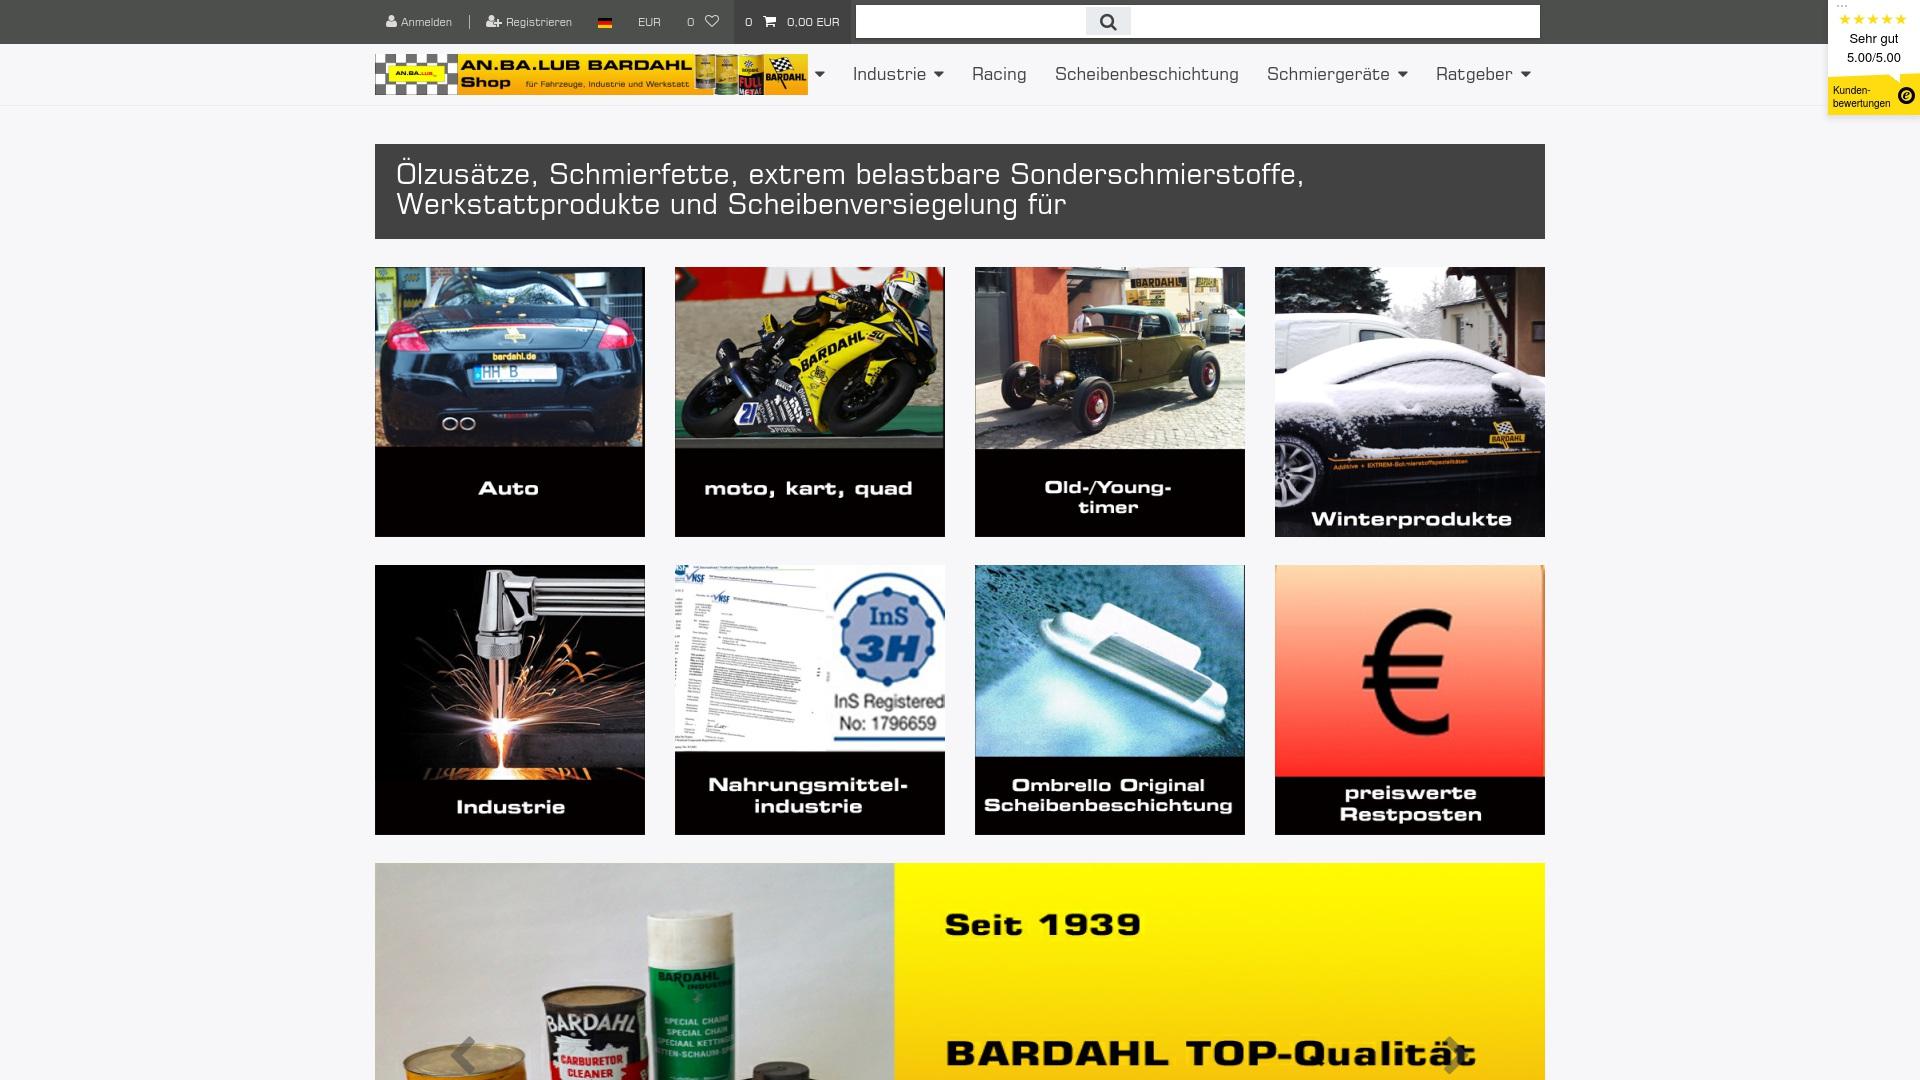 Gutschein für Bardahlgermany: Rabatte für  Bardahlgermany sichern